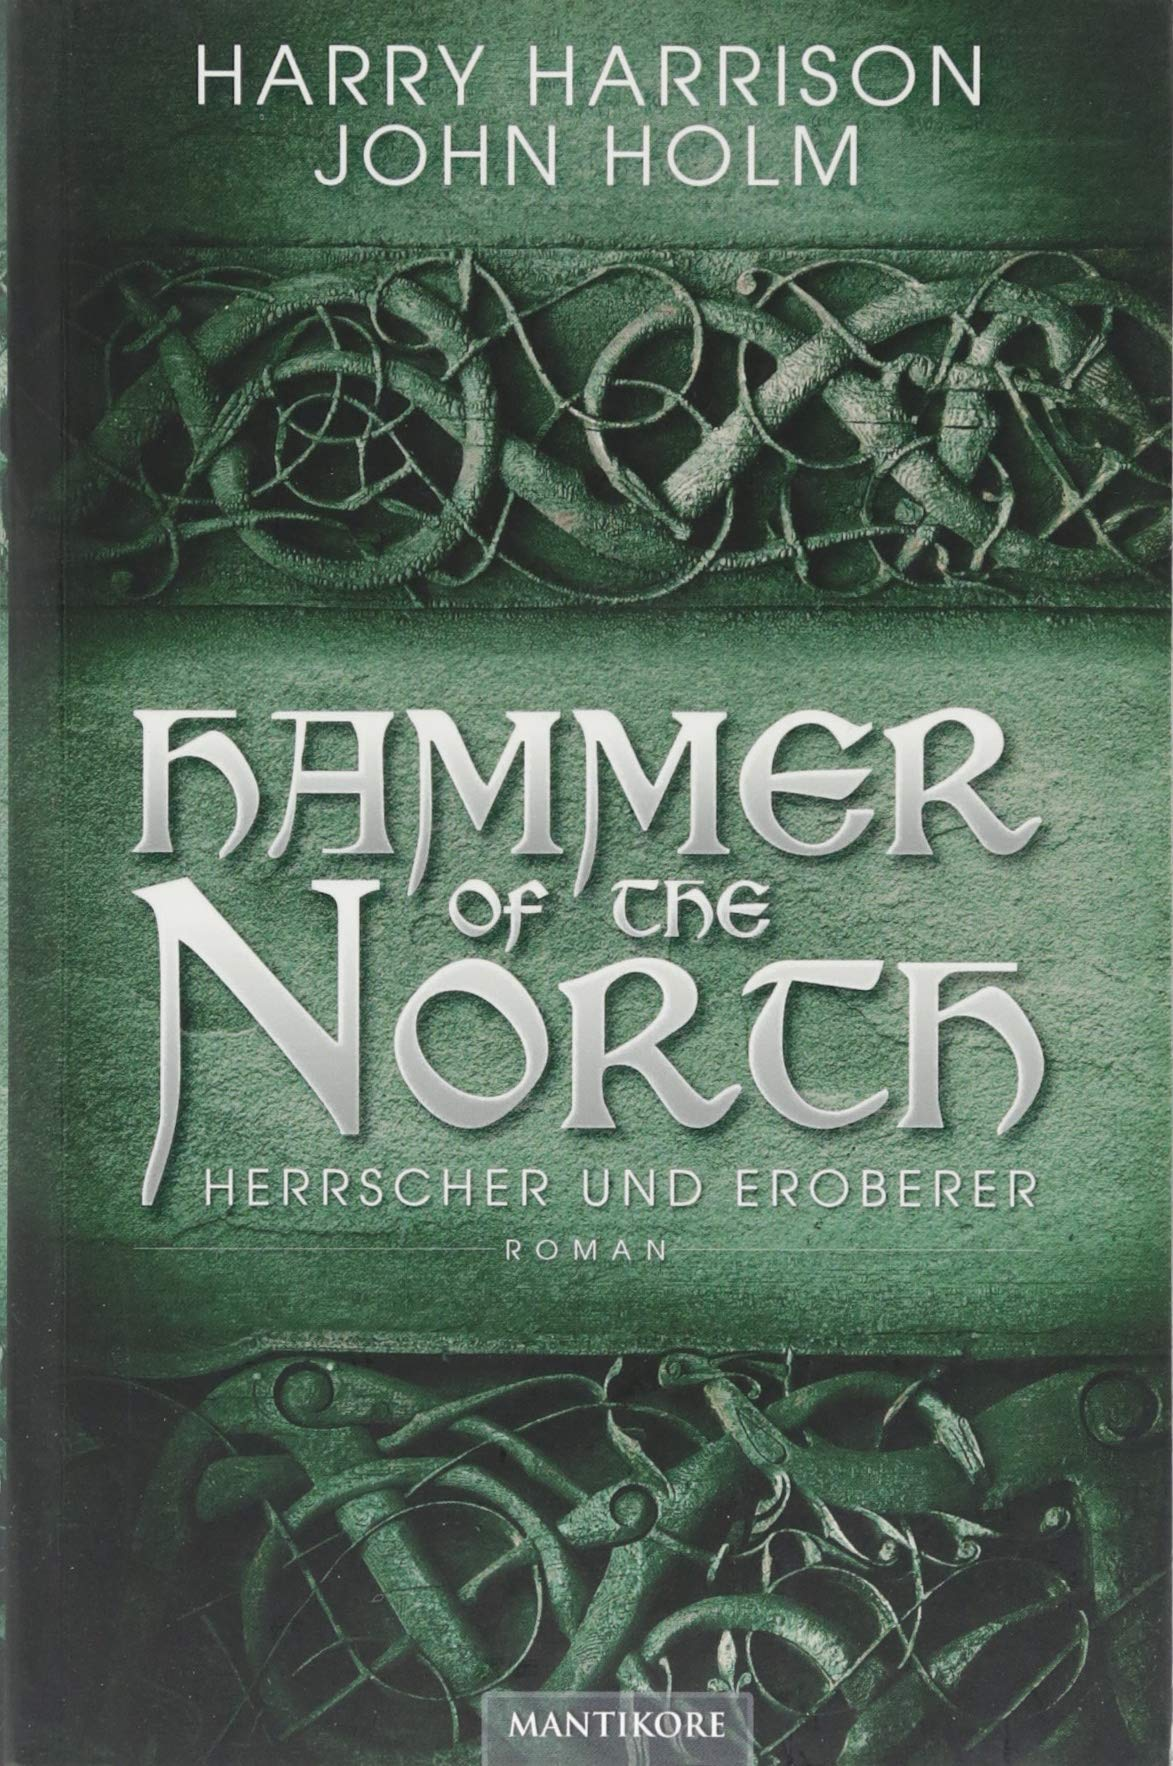 hammer-of-the-north-herrscher-und-eroberer